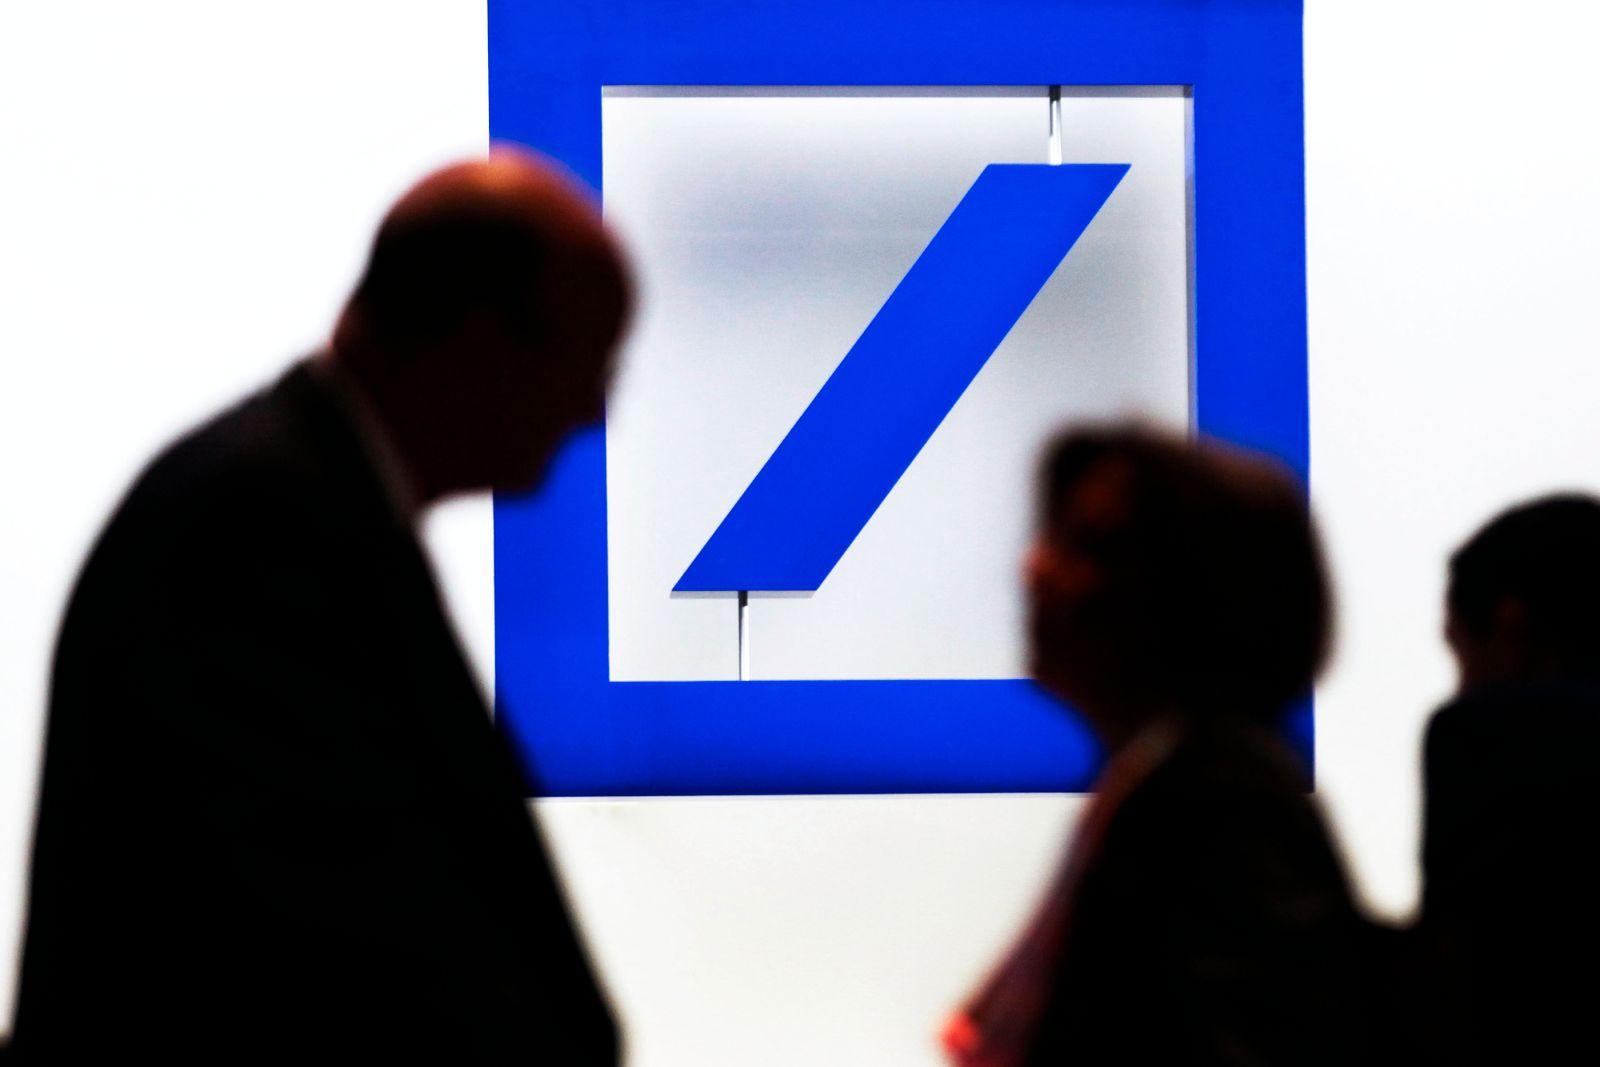 NICHT VERWENDEN Deutsche Bank /Passanten / Logo